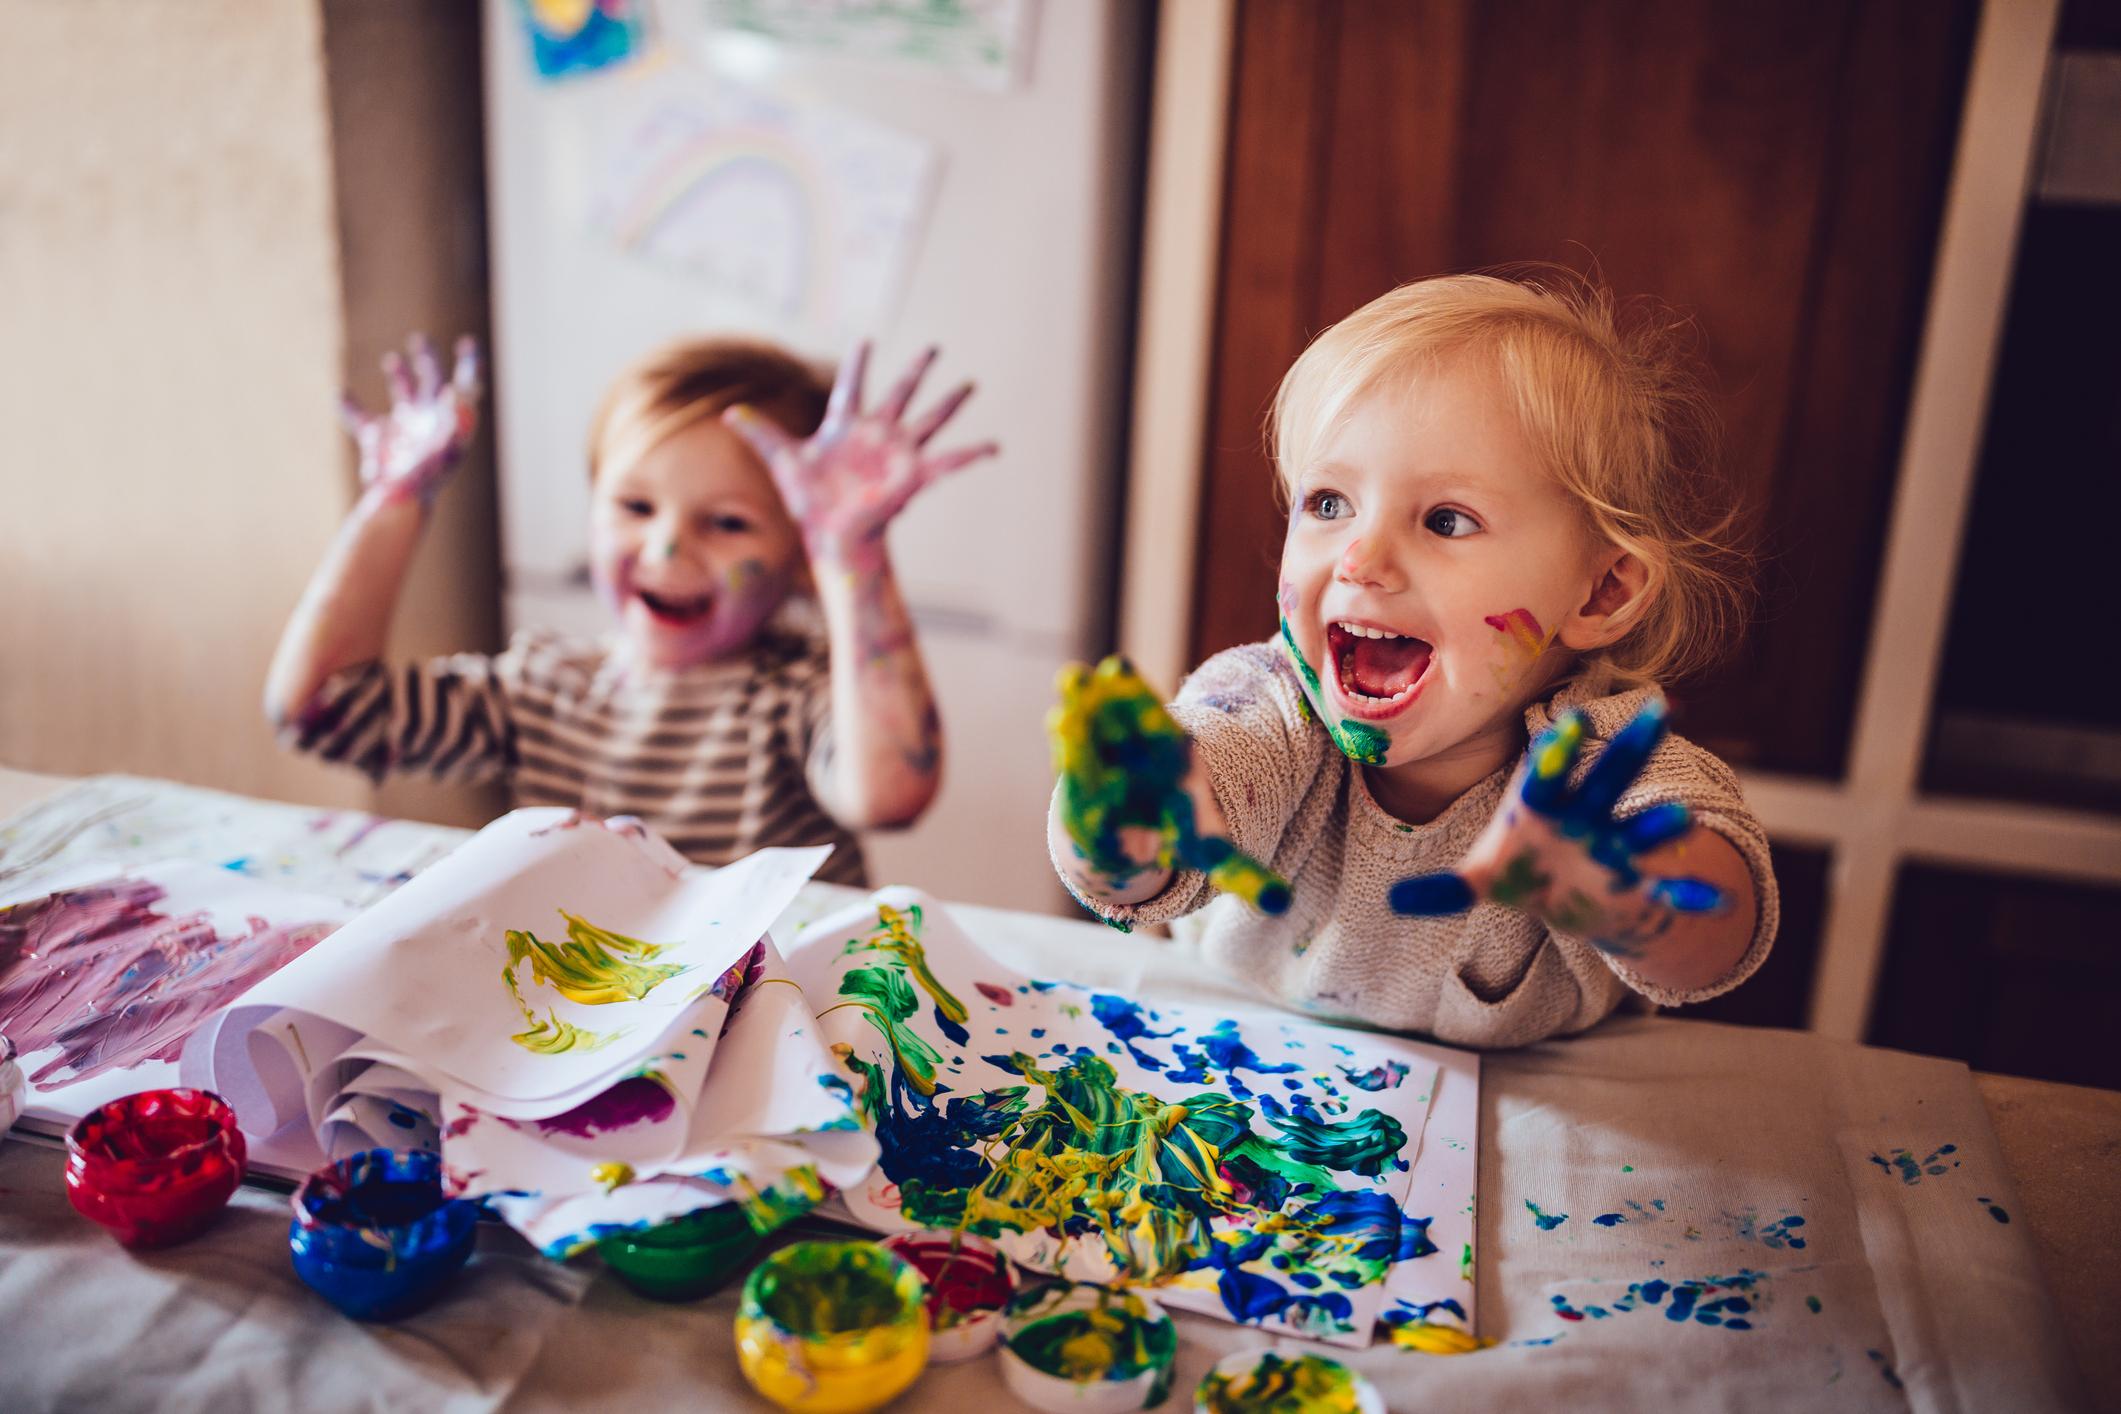 Brincadeiras em casa nas férias - Galeria de pintura